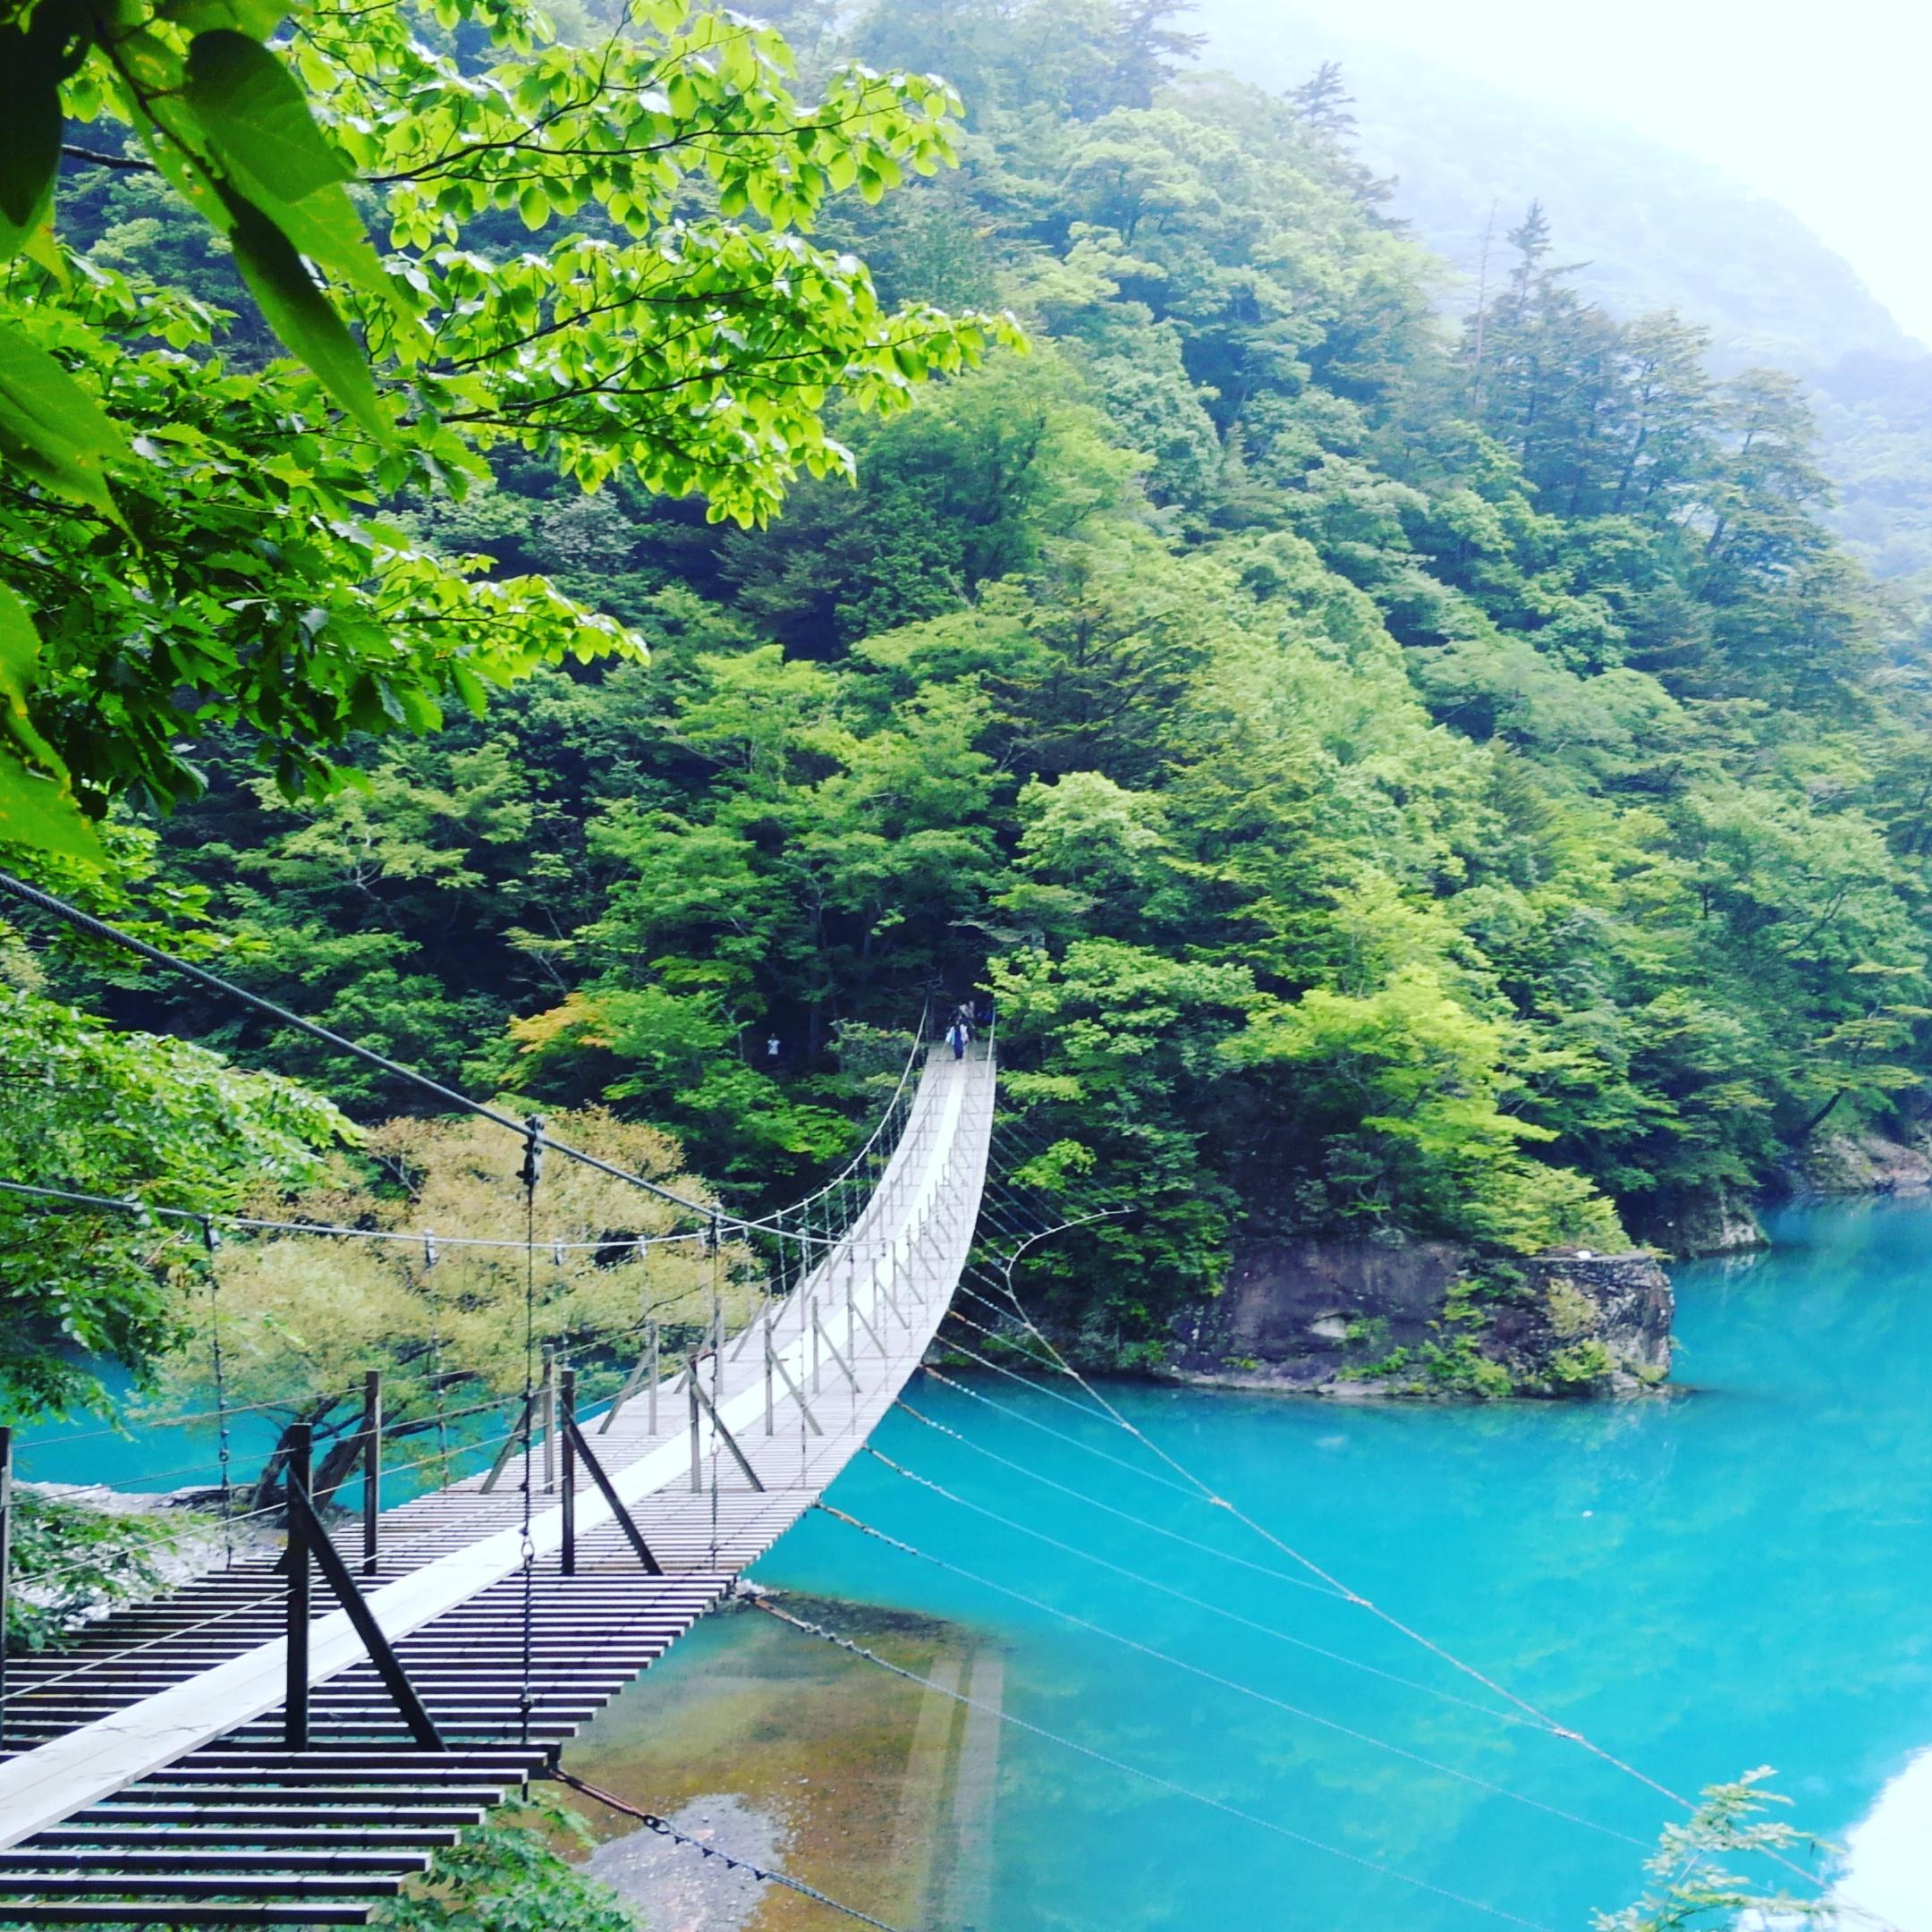 ☆【絶景】エメラルドグリーンの湖の上を歩く!寸又峡夢の吊り橋☆